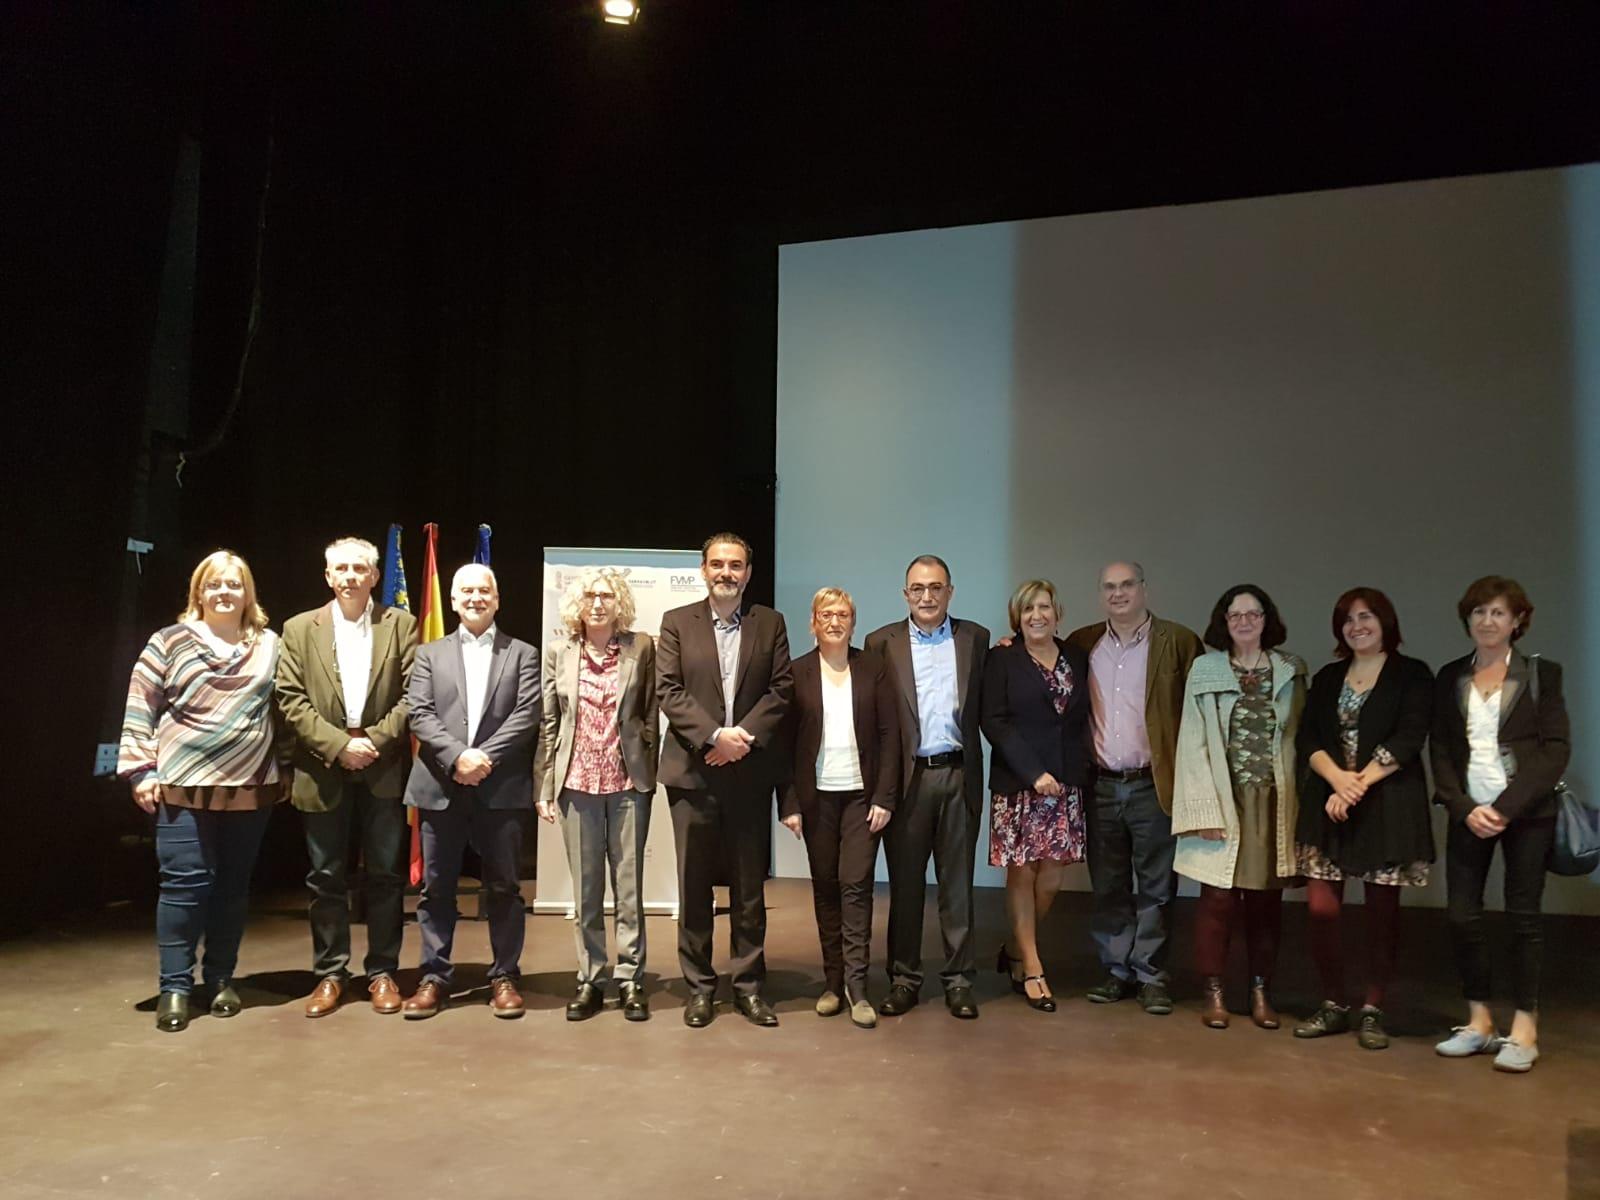 Un centenar de municipios de la Comunitat debaten en l'Alfàs sobre turismo saludable y sostenible